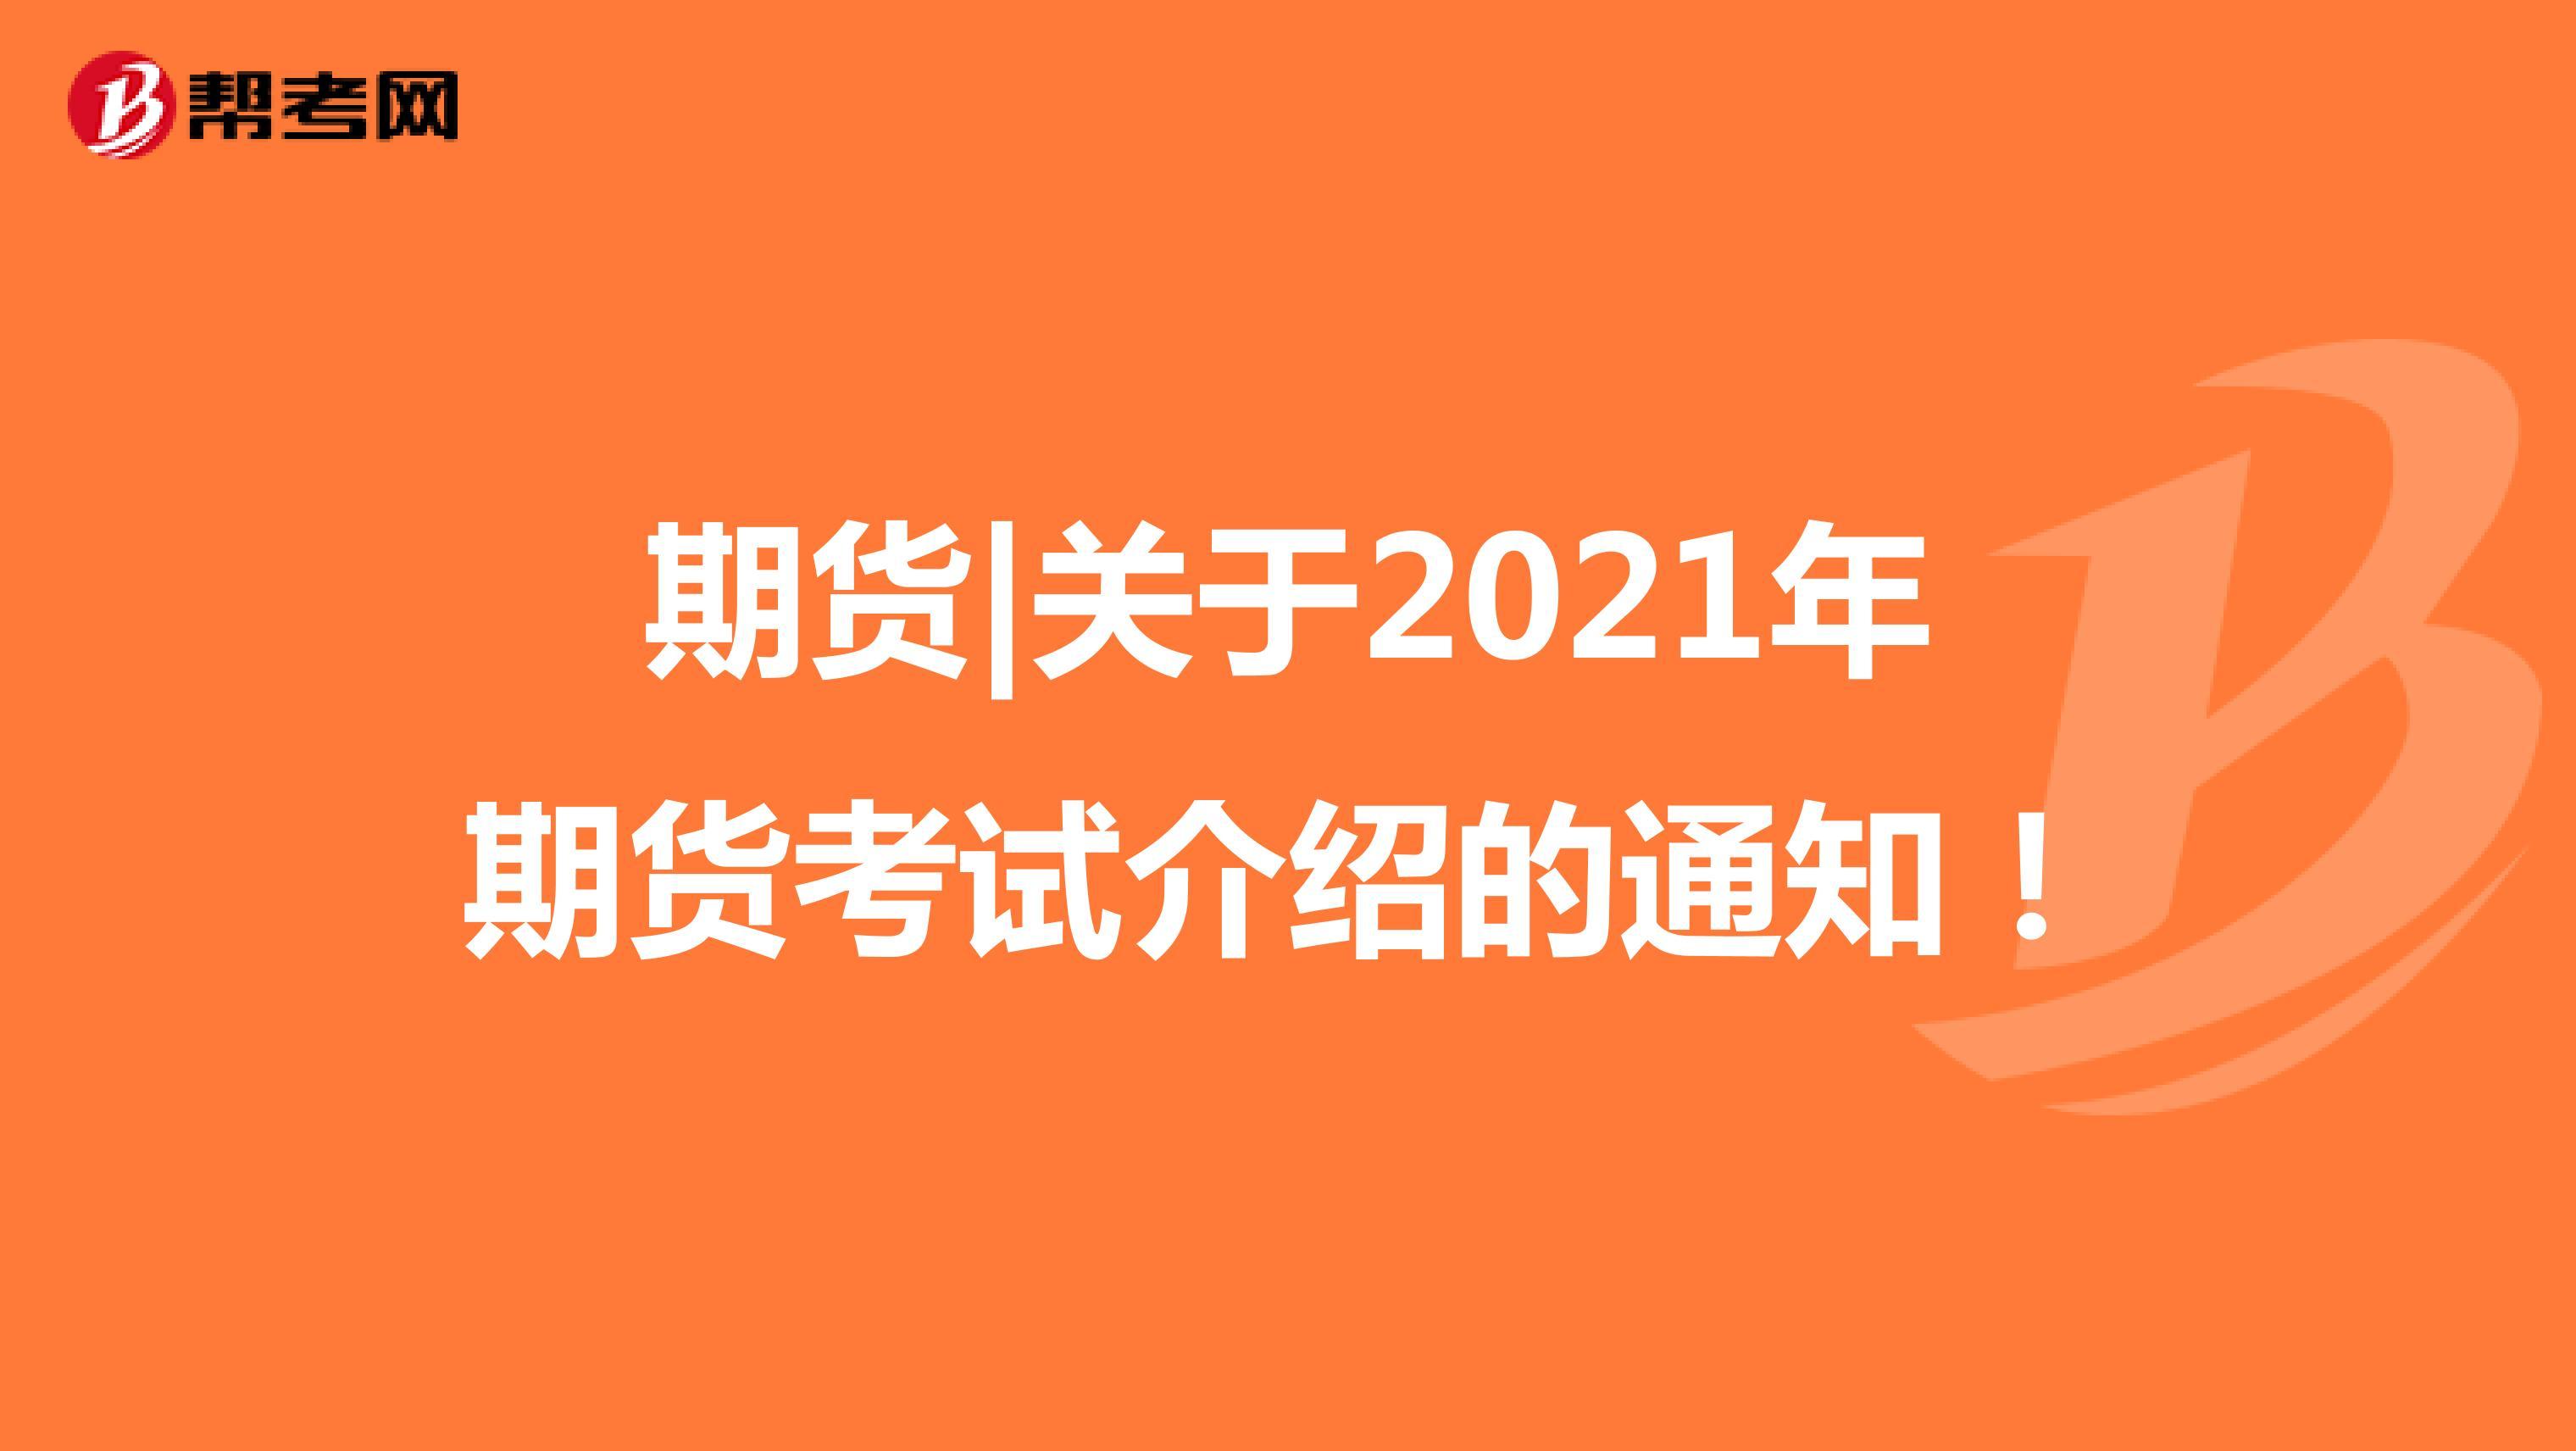 期货|关于2021年期货考试介绍的通知!